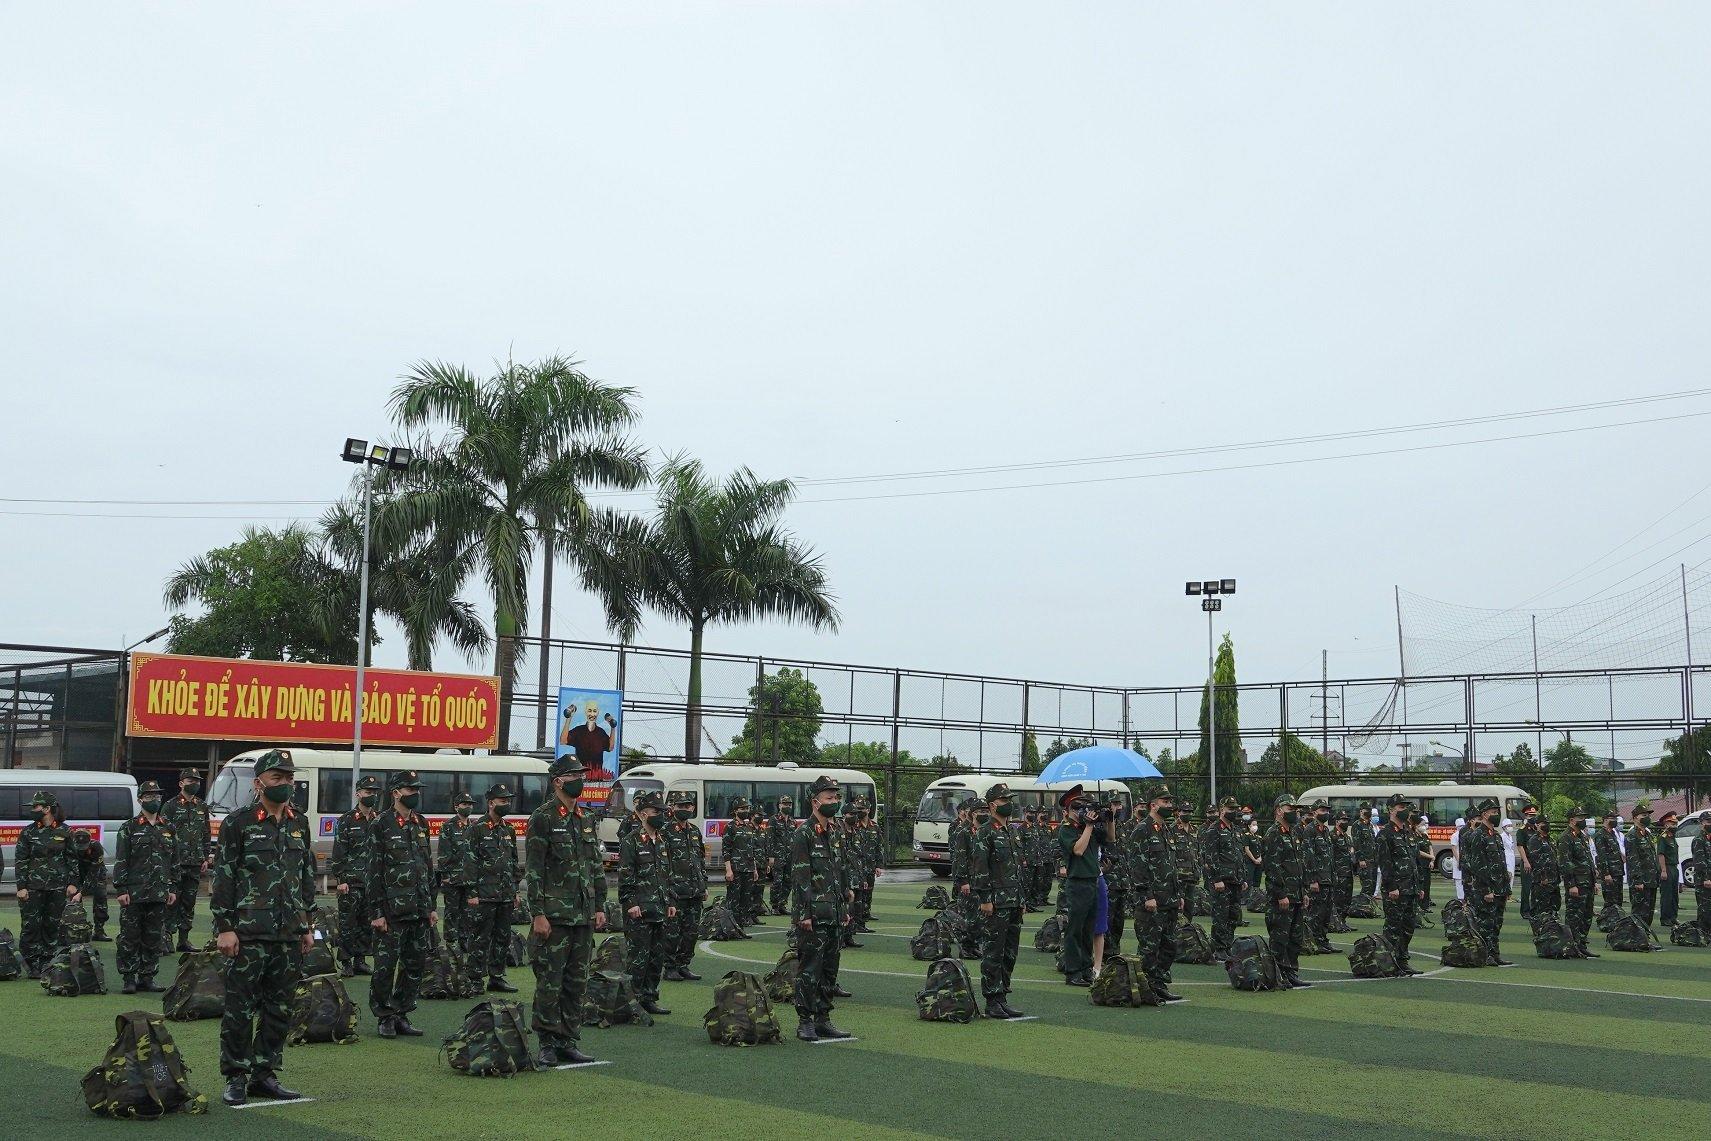 Bộ trưởng Quốc phòng: Toàn quân quyết liệt, ngăn chặn dịch Covid-19